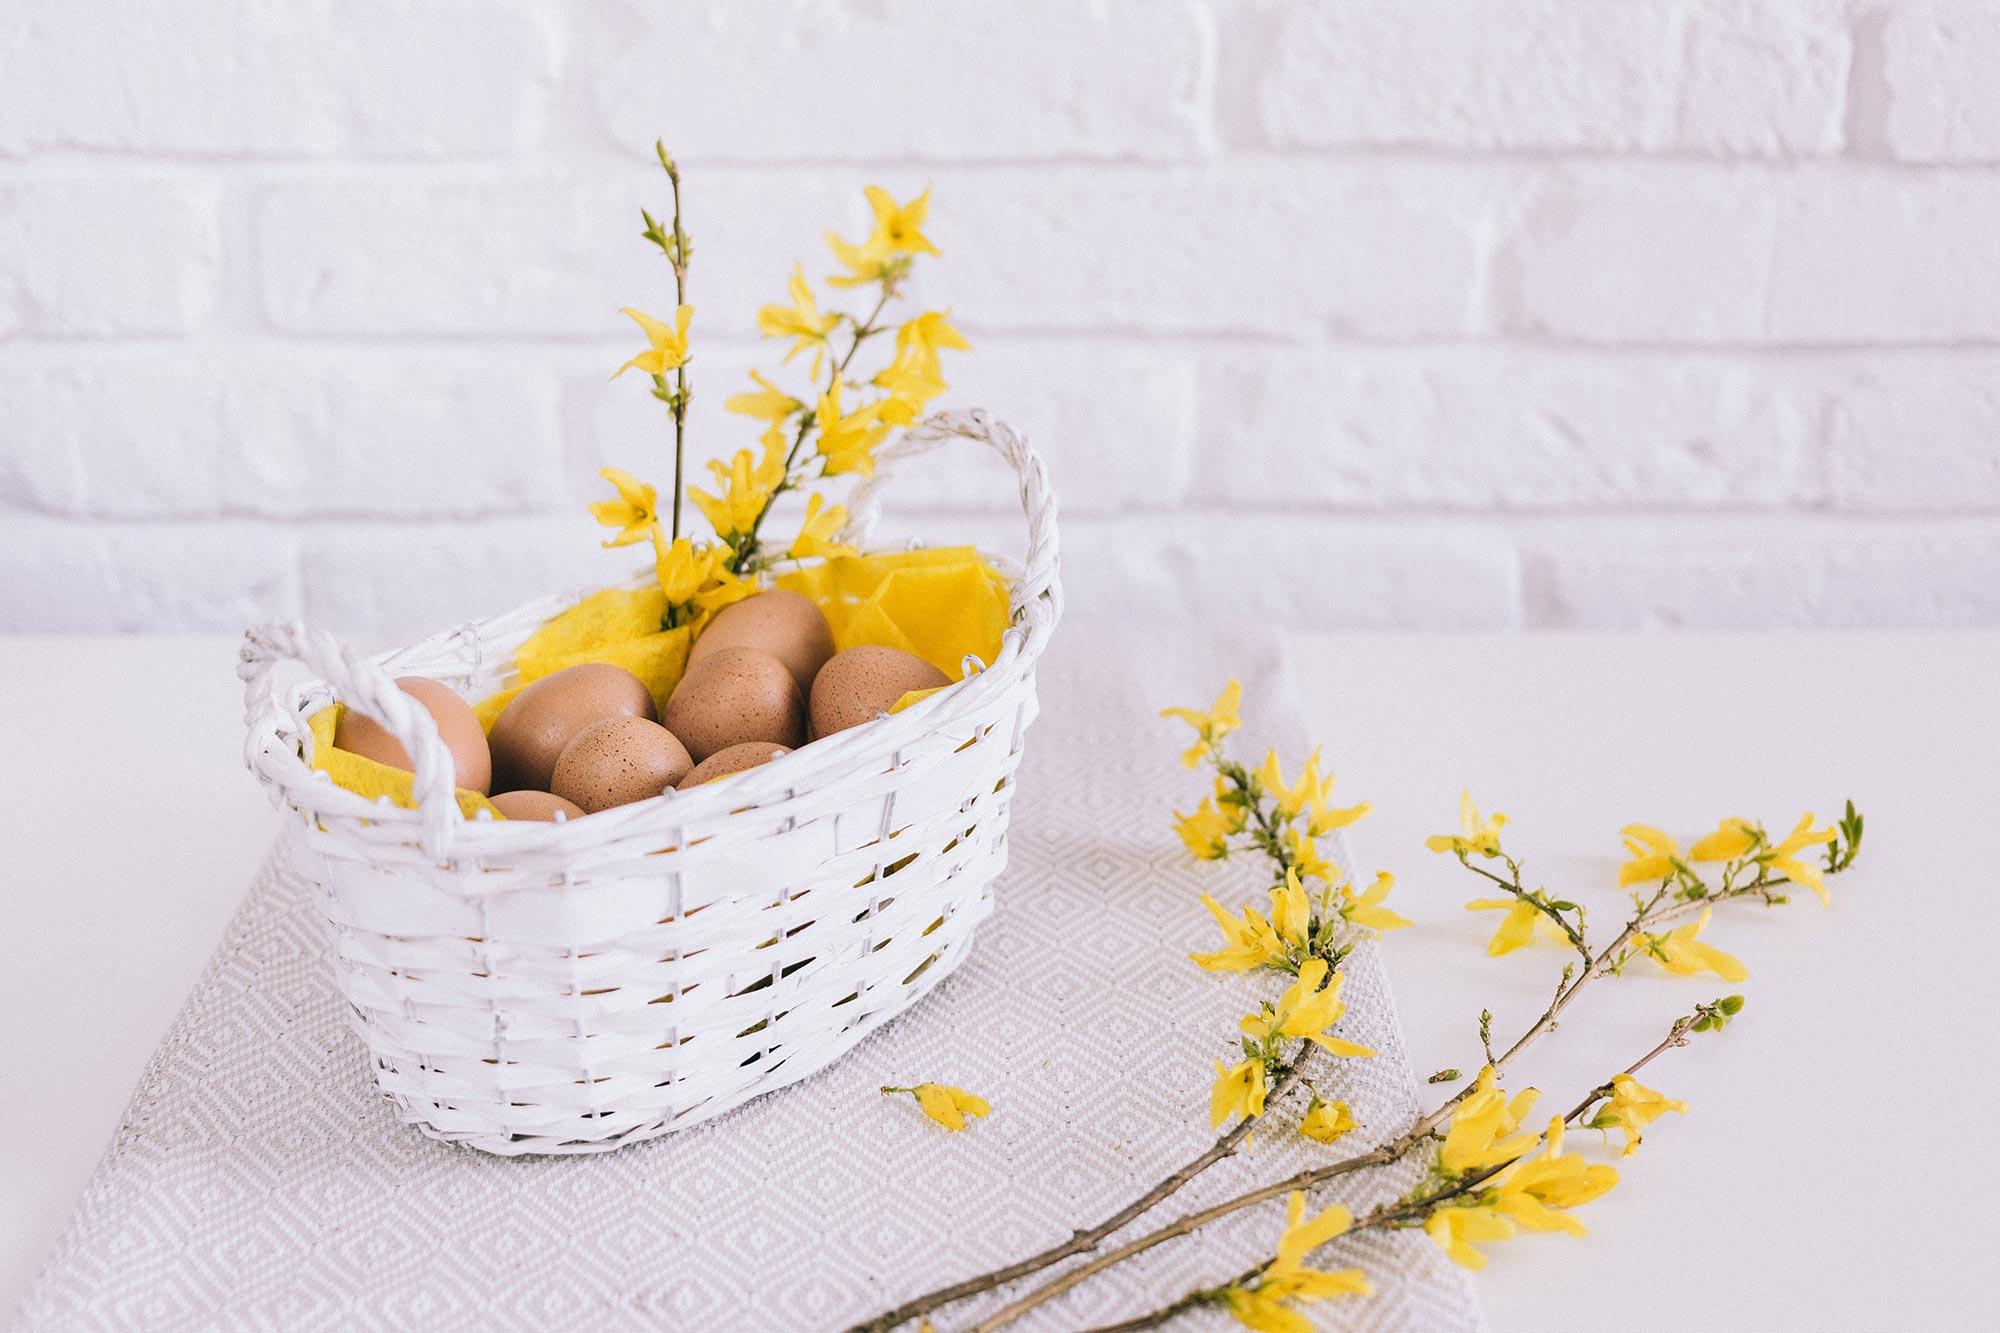 Découvrez le menu de Pâques